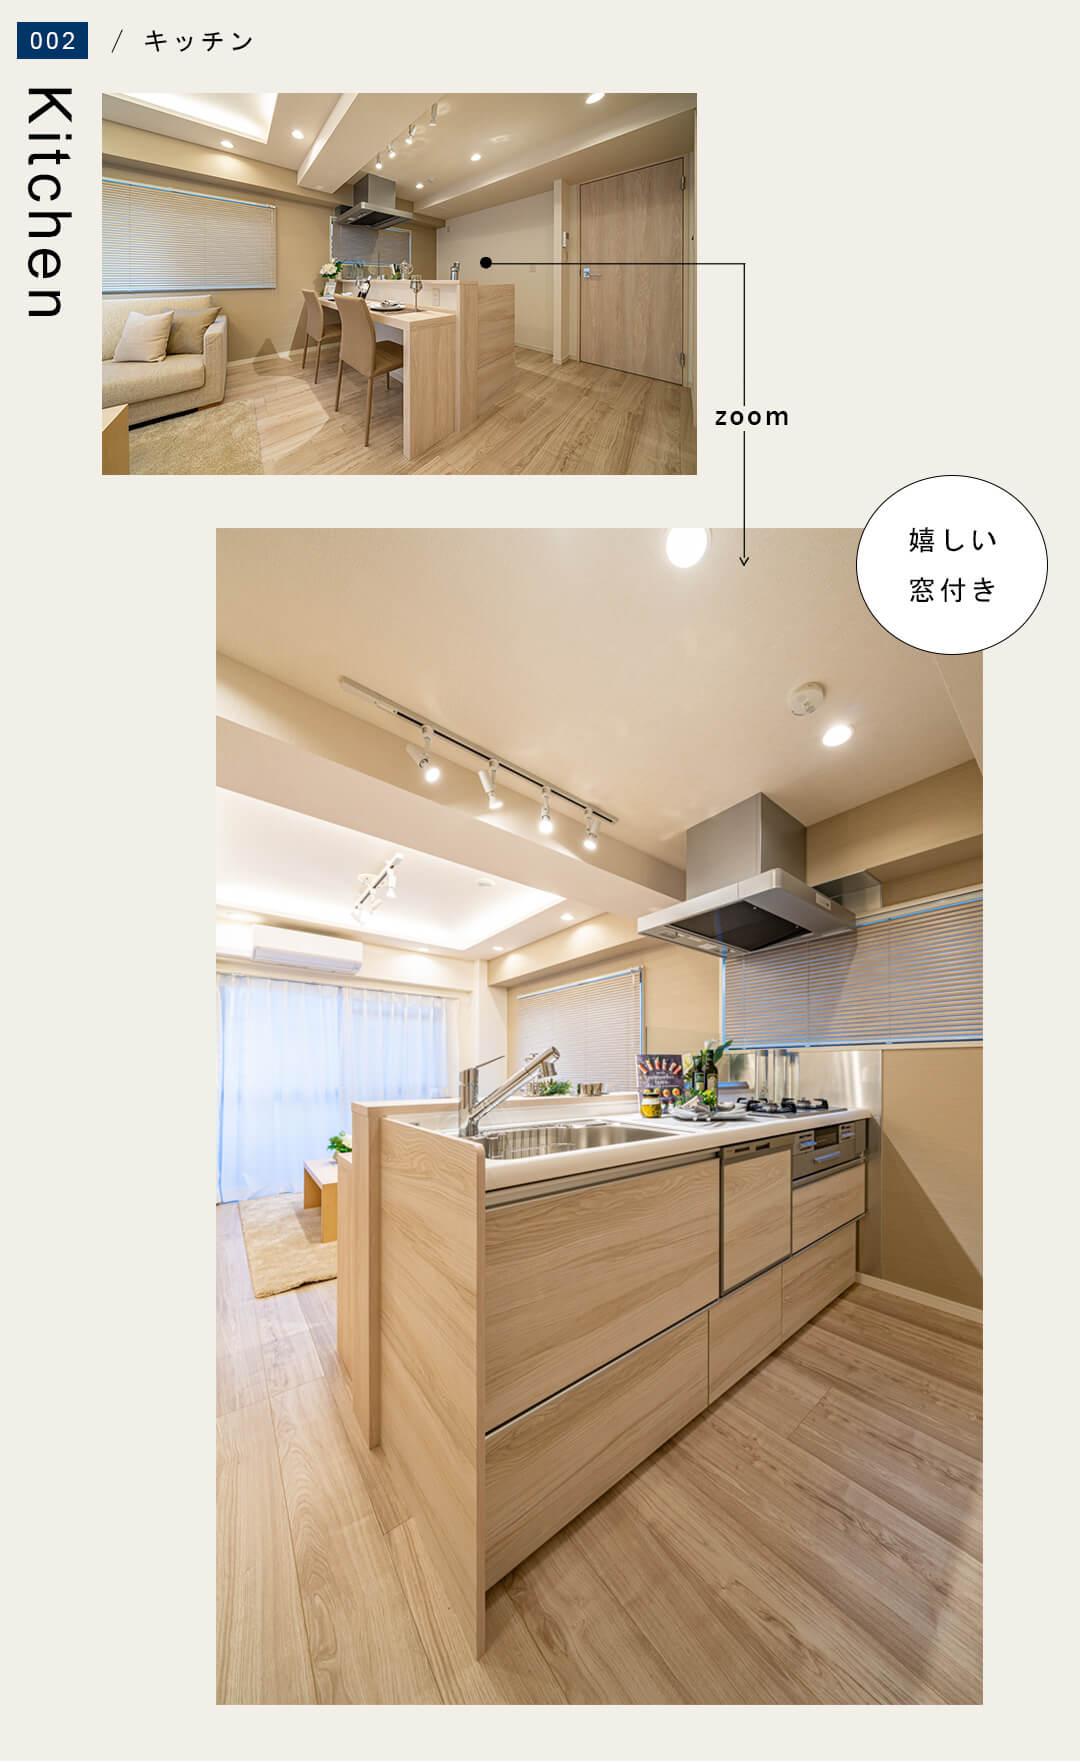 セブンスターマンション東山のキッチン